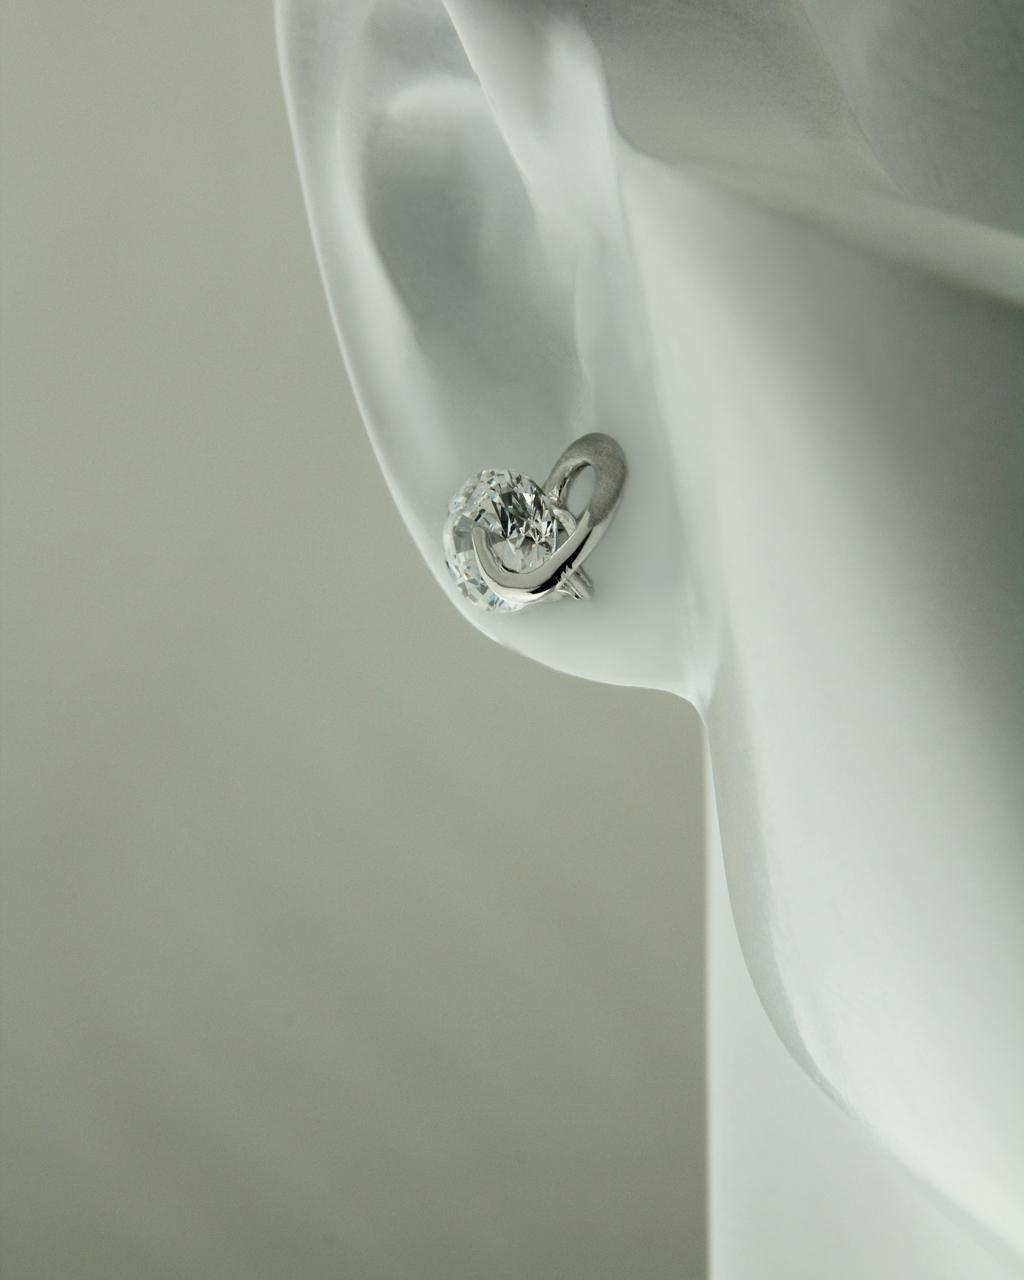 Σκουλαρίκια λευκόχρυσα Κ14 με ζιργκόν